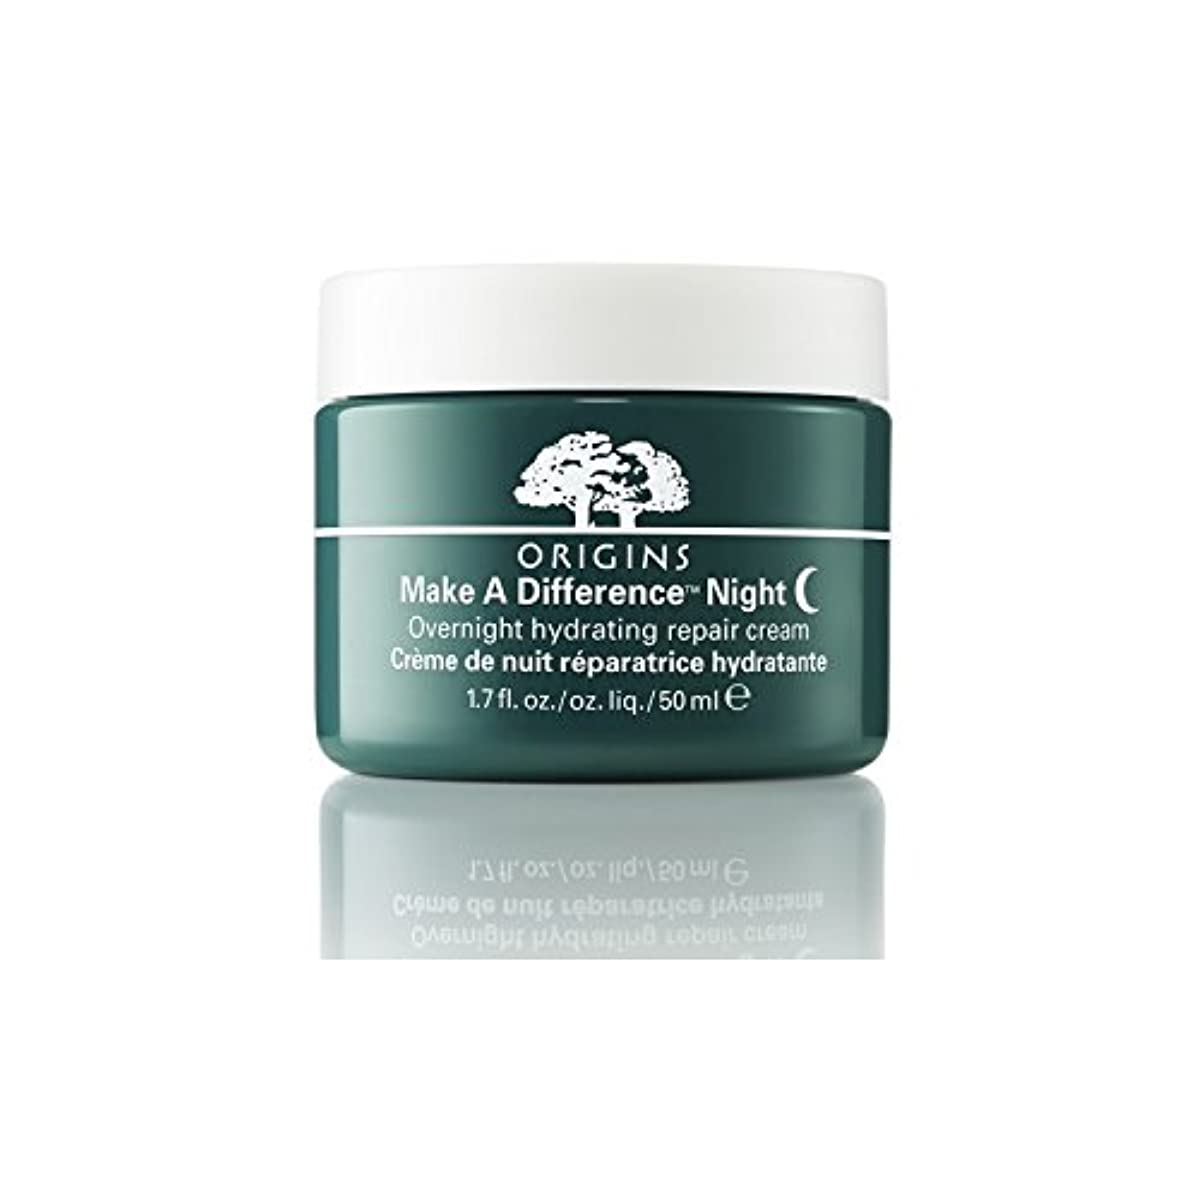 ファシズム変数ペチュランスOrigins Make A Difference Overnight Hydrating Repair Cream 50ml - 起源は違い、一晩水和リペアクリーム50ミリリットルを作ります [並行輸入品]